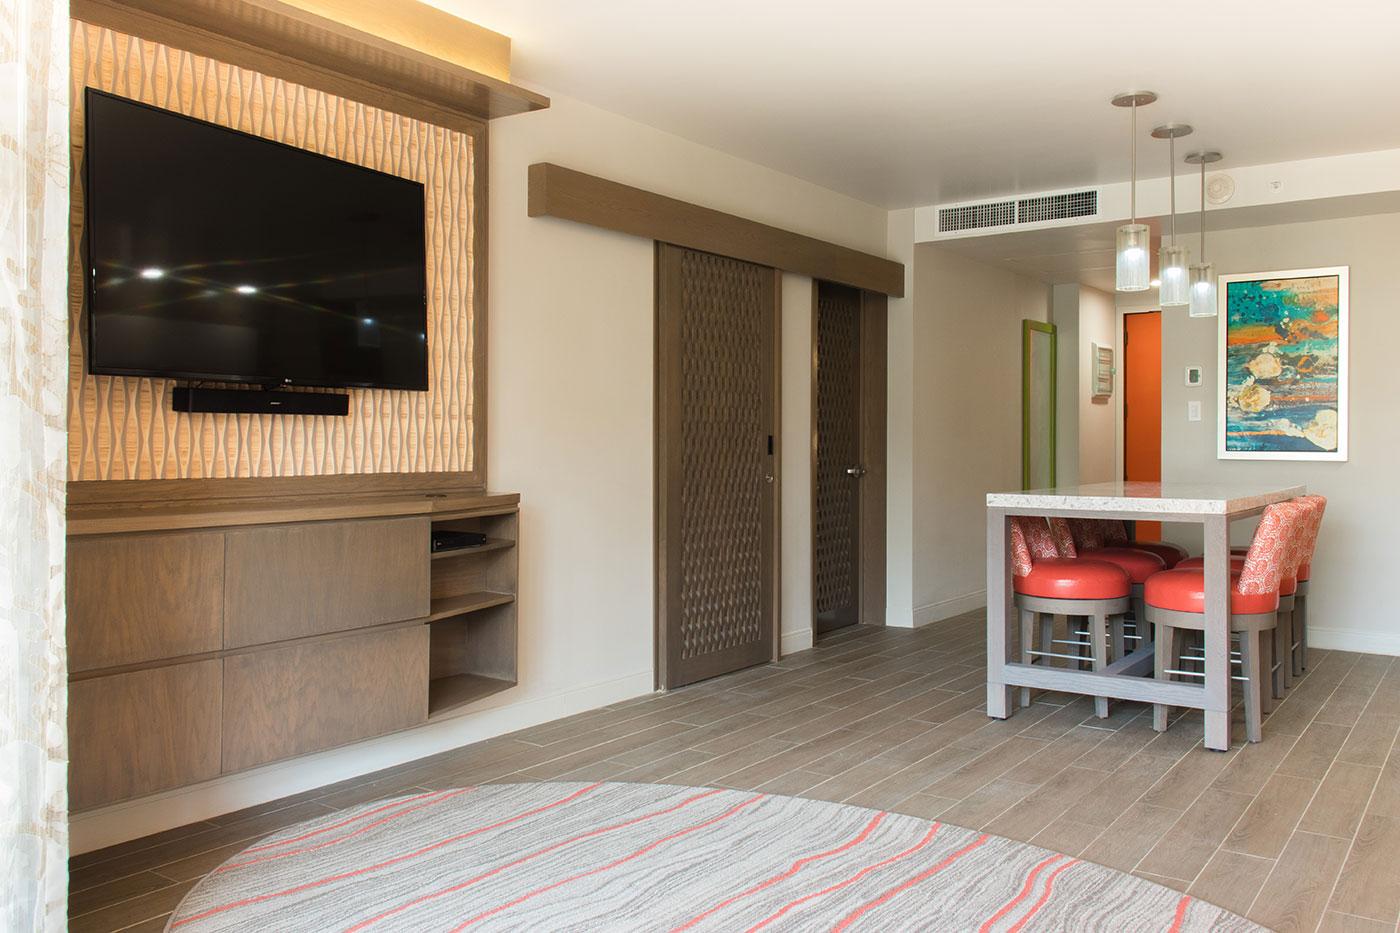 Proyectos SPAD Constructora, Remodelación de habitaciones Westin, Comedor y televisión decoración, Diseño de Interiores, Arquitectura, Puerto Vallarta, Jalisco, México